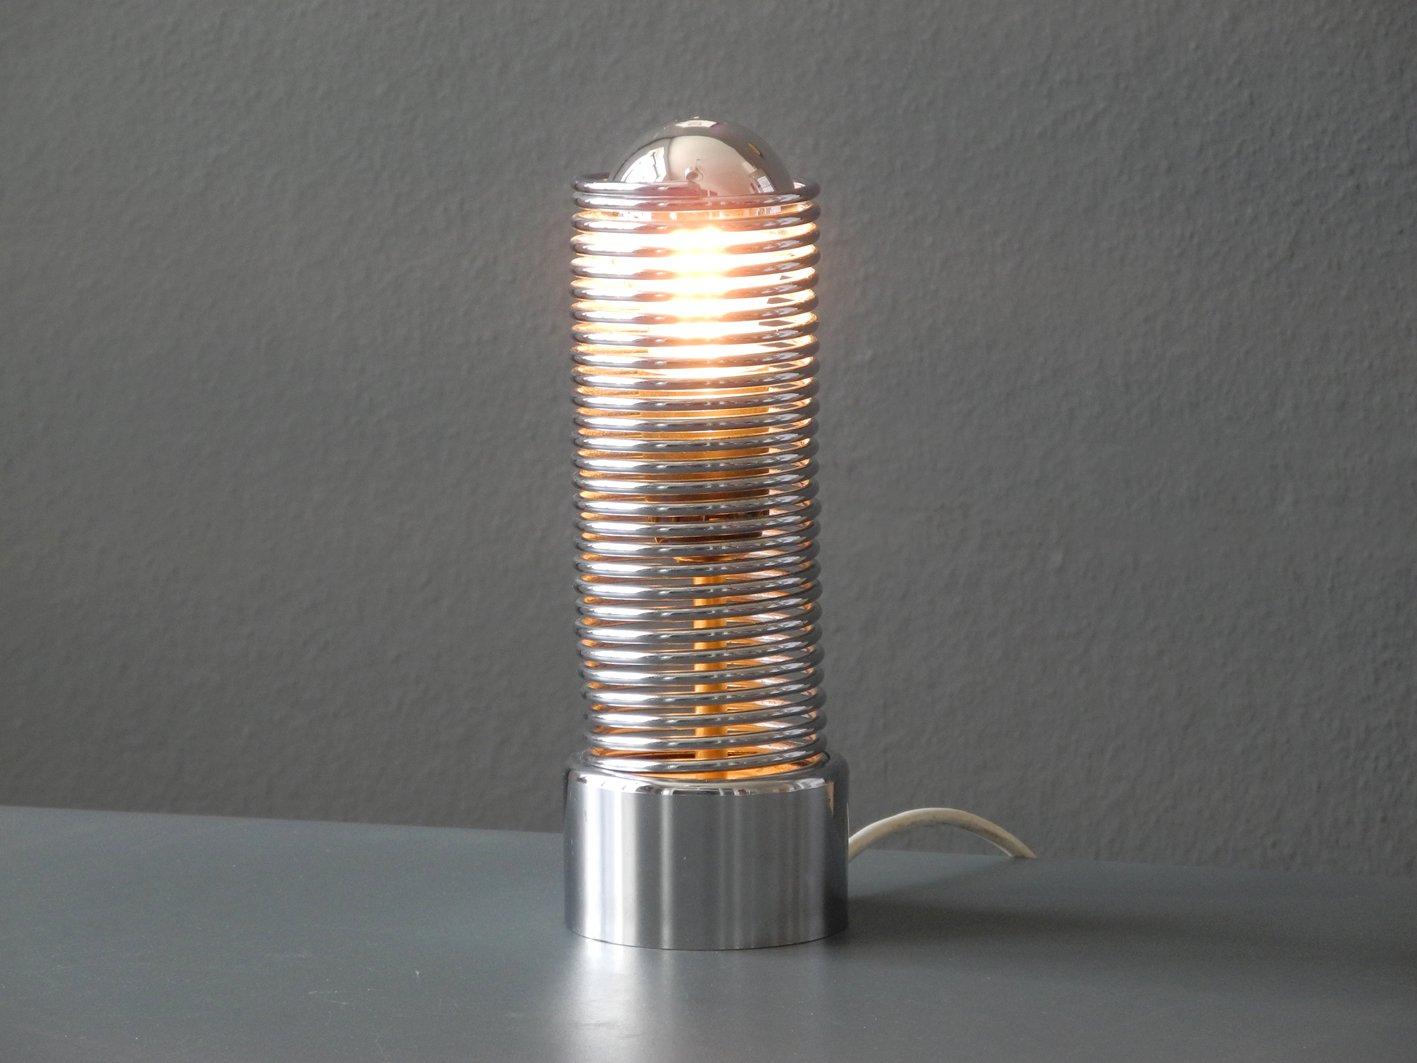 Model Jo Jo Metal Chrome Table Lamp By Heinz Brenker For